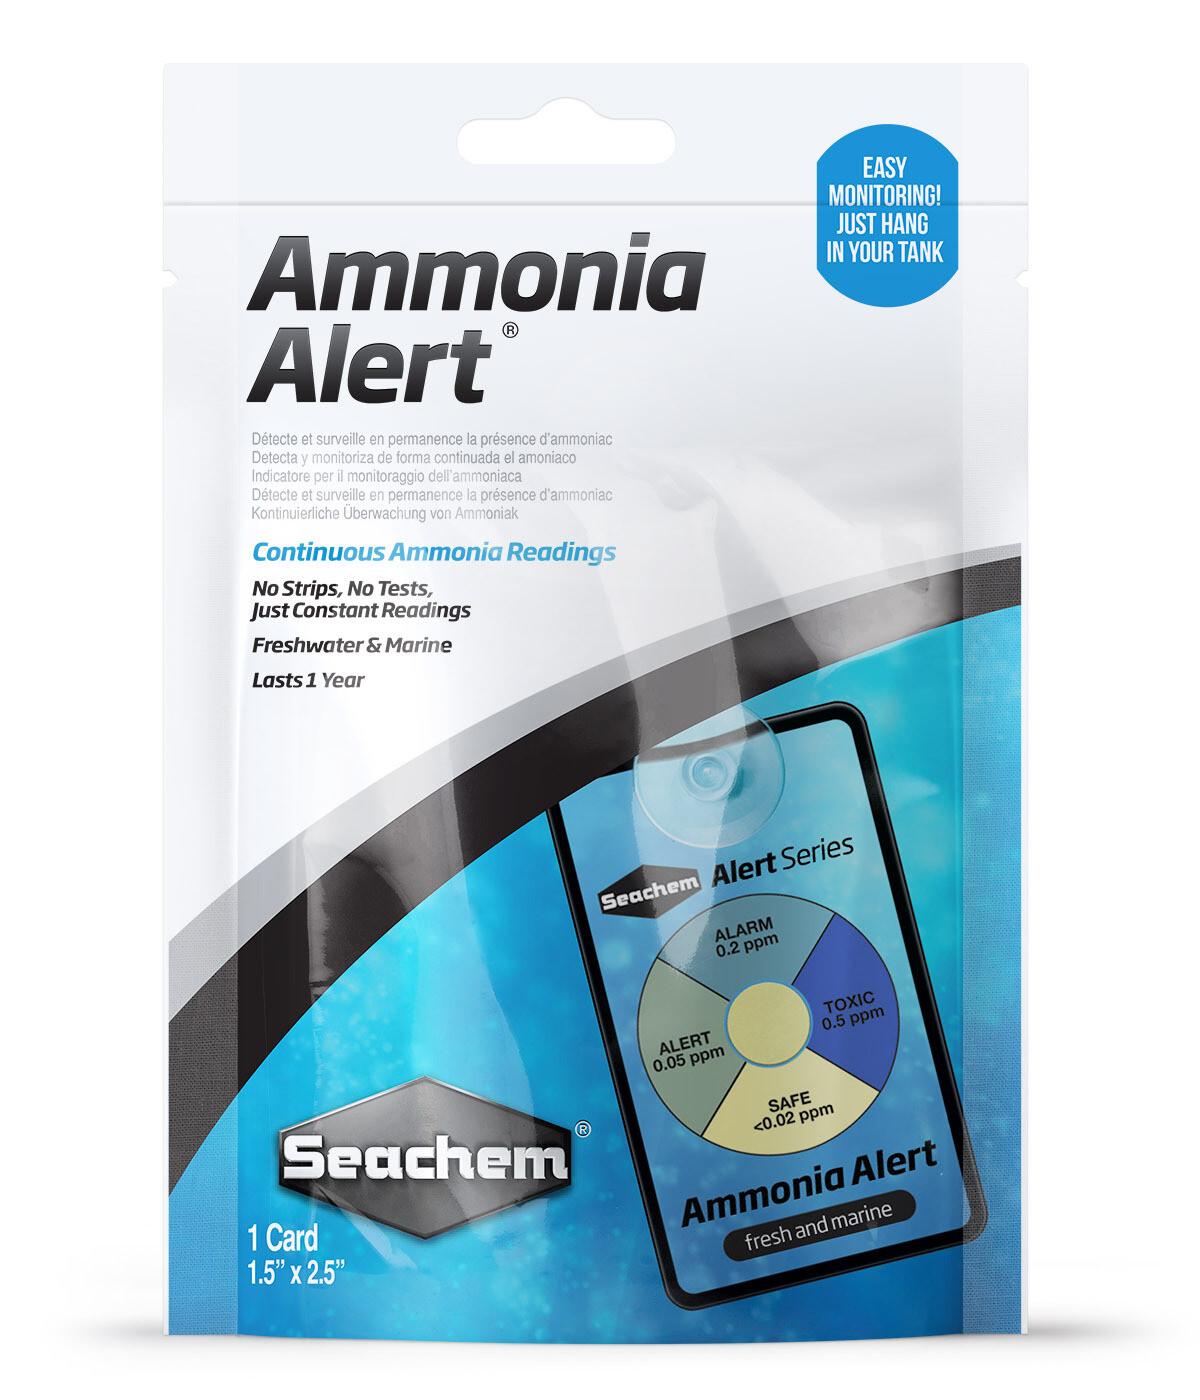 Ammonia Alert, Continuous Ammonia Readings